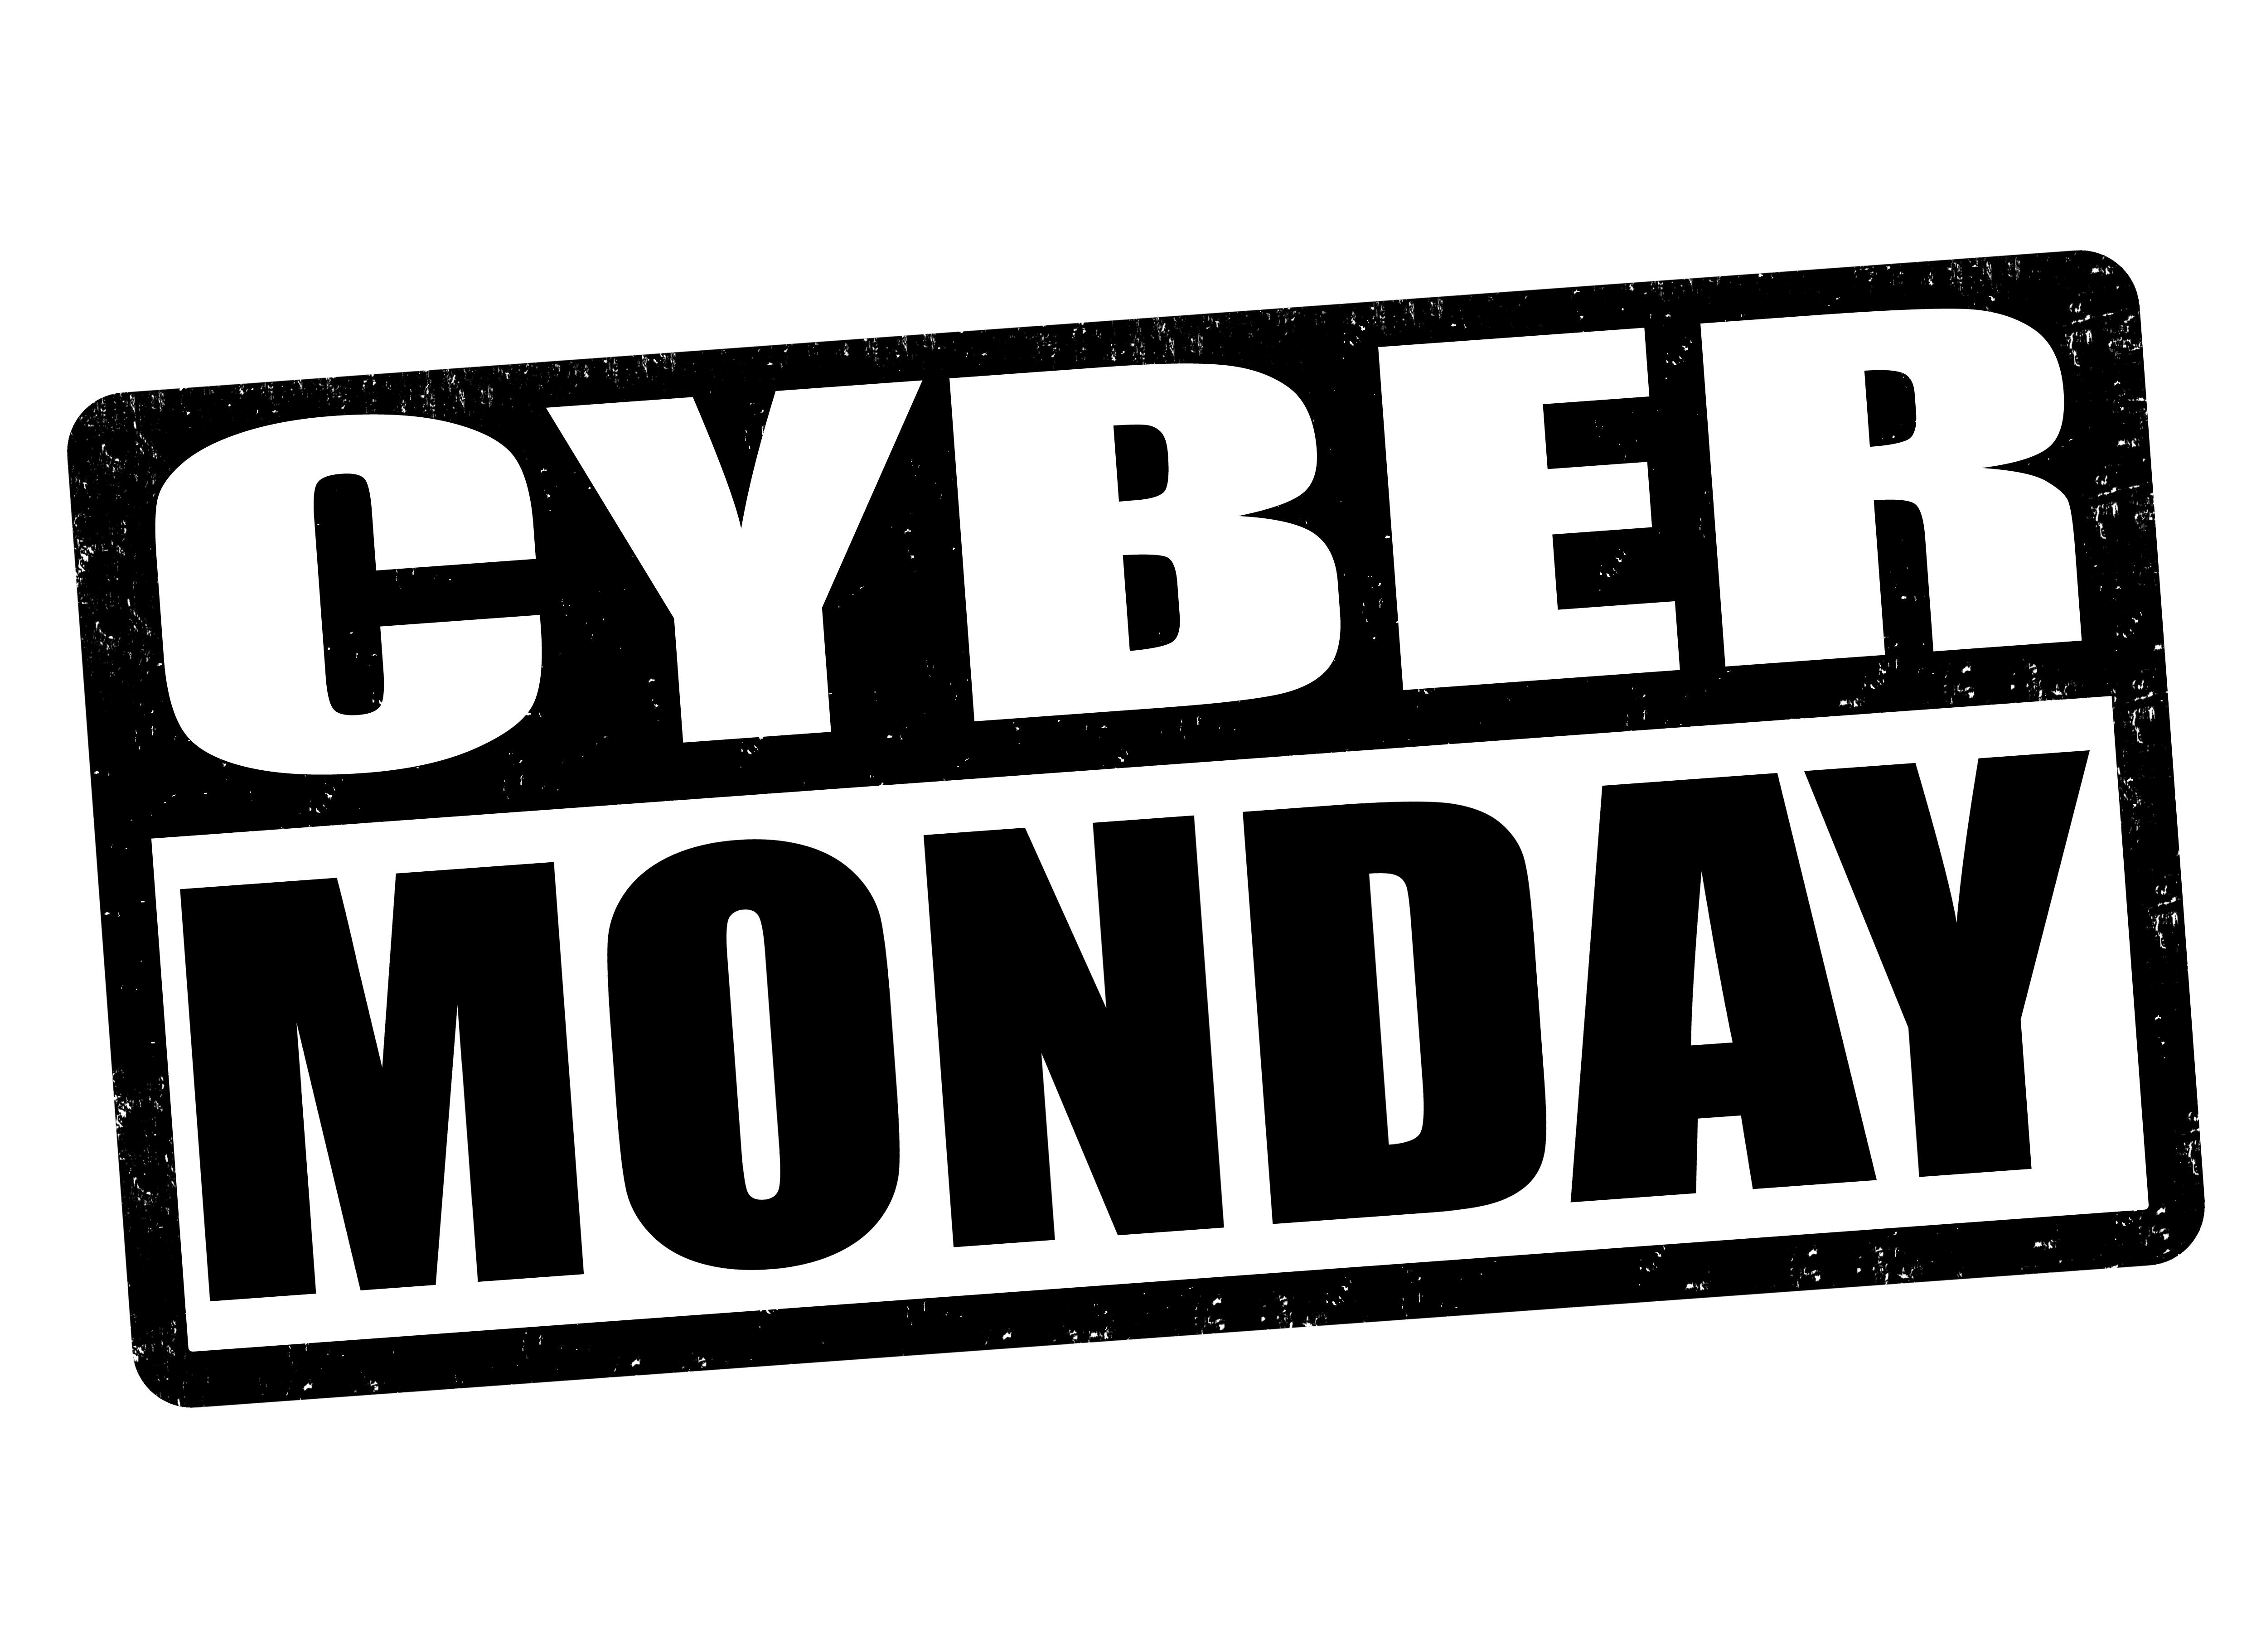 Cyber Monday - סייבר מאנדיי